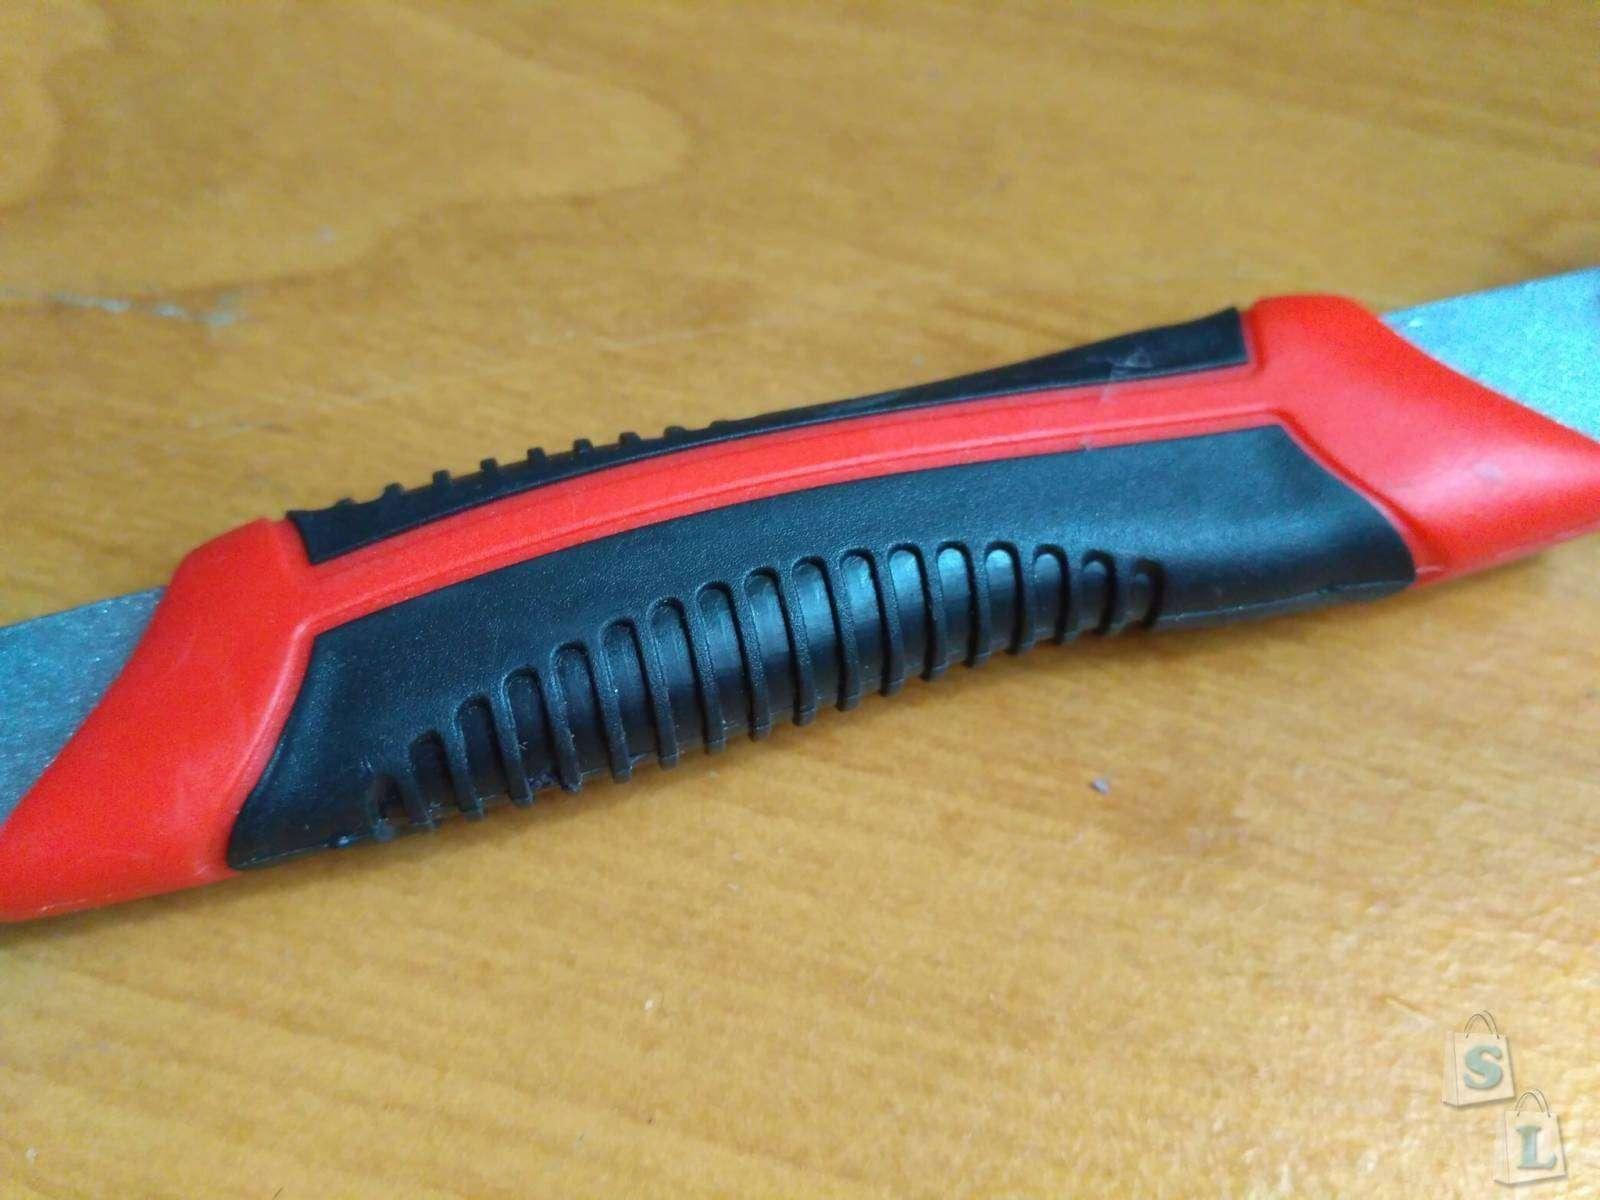 Banggood: Mustool 2Pcs 9-32мм. Многофункциональный гаечный ключ.